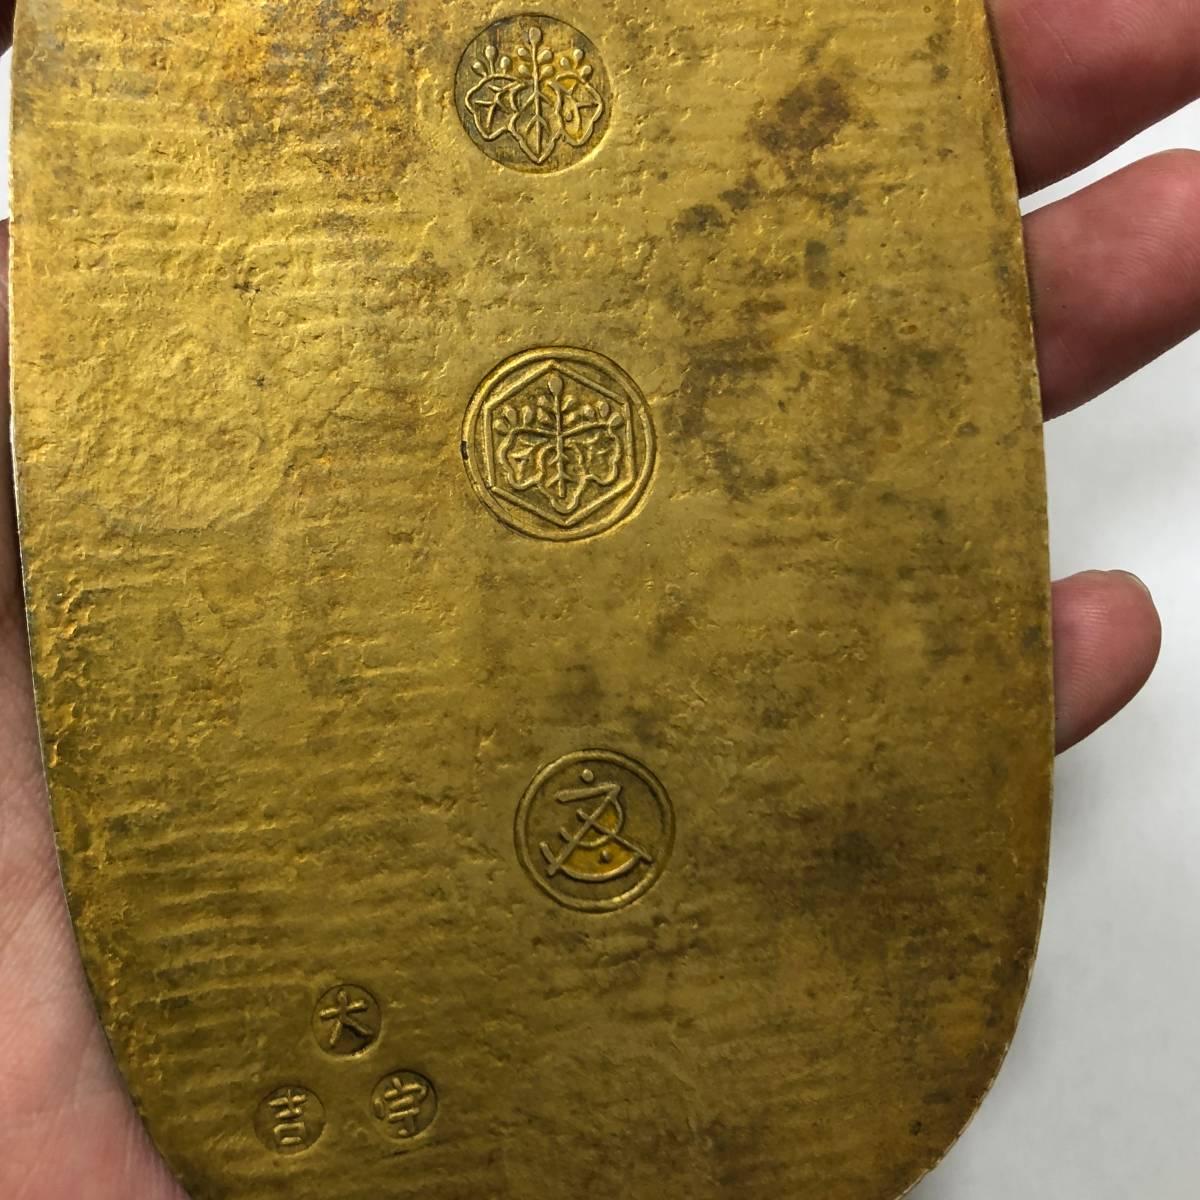 万延大判金 112.626g Gold46.1% 古銭 金貨 骨董 小判_画像4